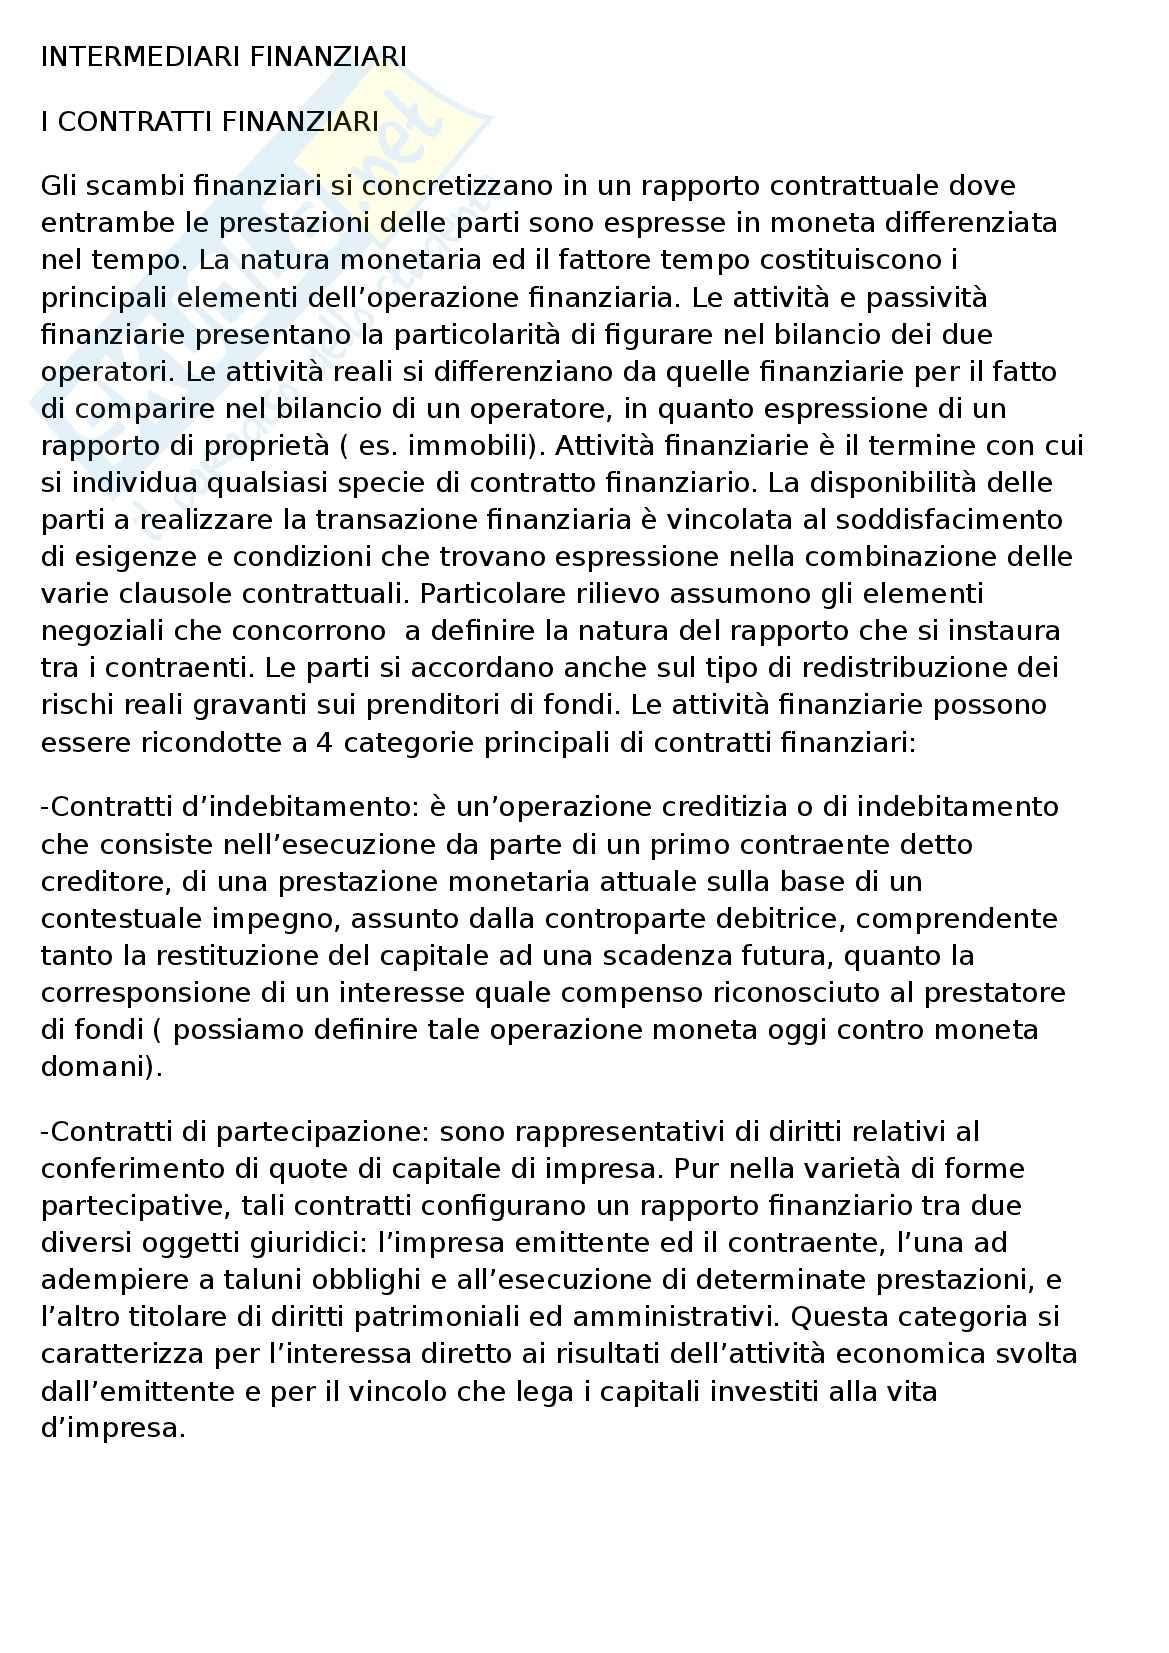 appunto S. Cosma Intermediari finanziari